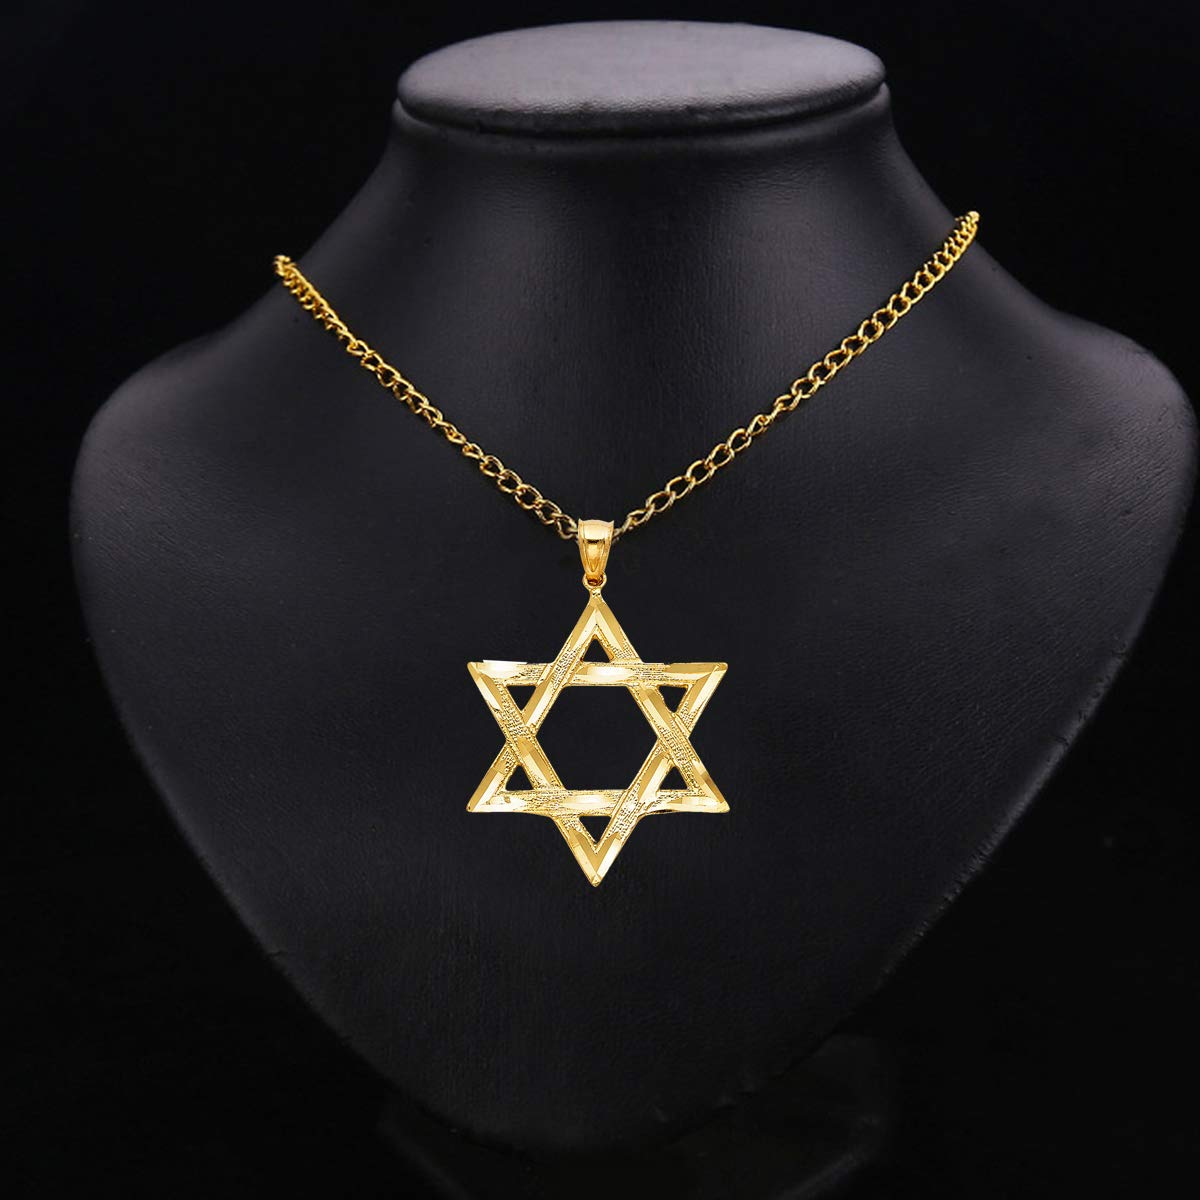 TGDJ 14k Yellow Gold Star of David Pendant